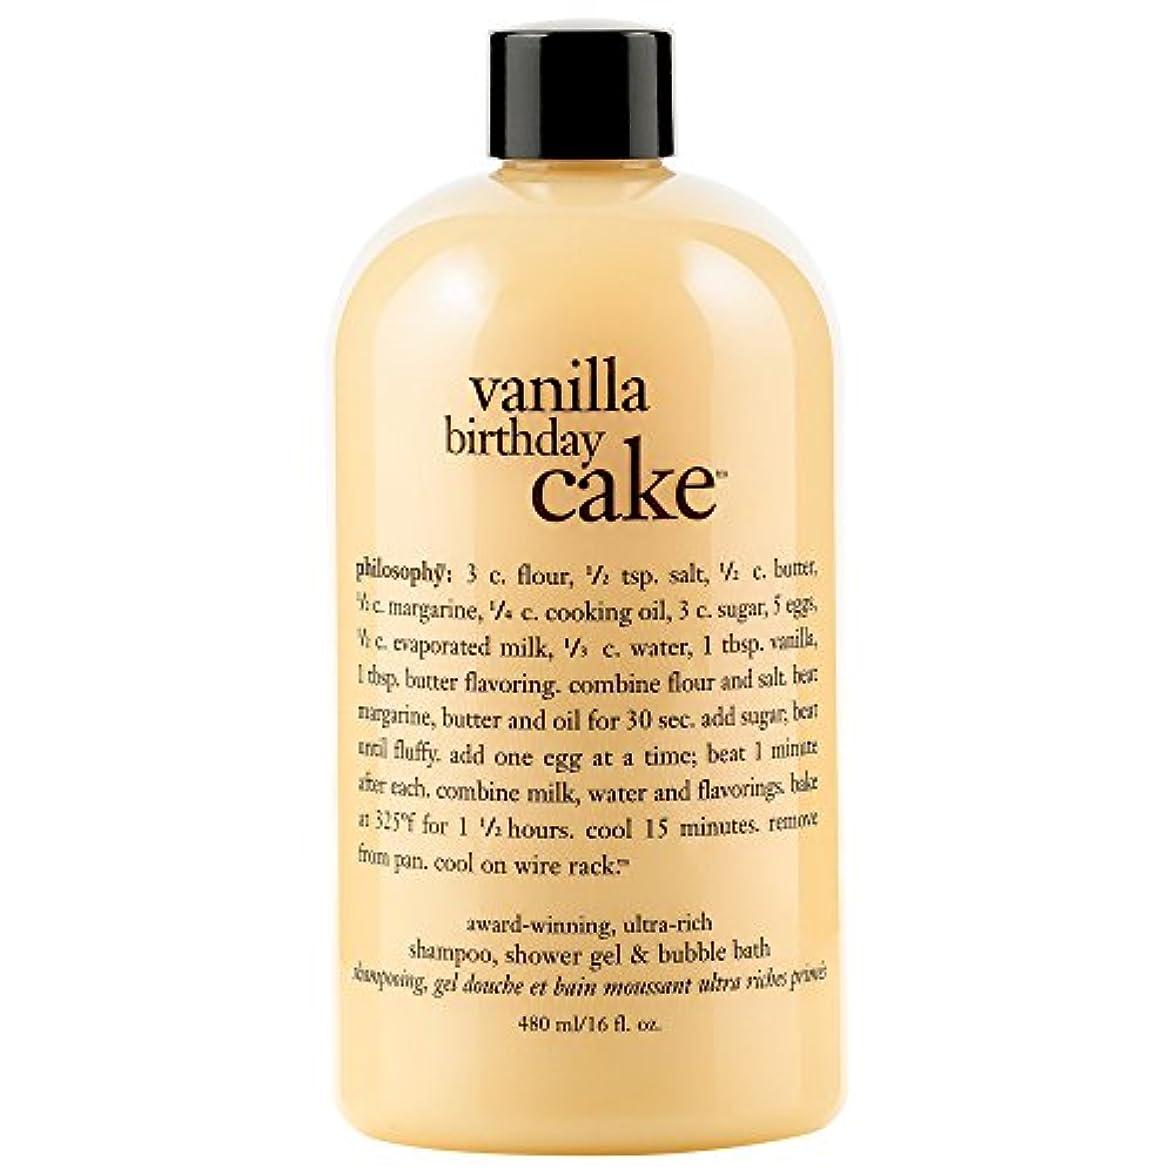 旅ストラトフォードオンエイボンリーフレット哲学バニラバースデーケーキシャンプー/シャワージェル/バブルバス480ミリリットル (Philosophy) - Philosophy Vanilla Birthday Cake Shampoo/Shower Gel/Bubble...